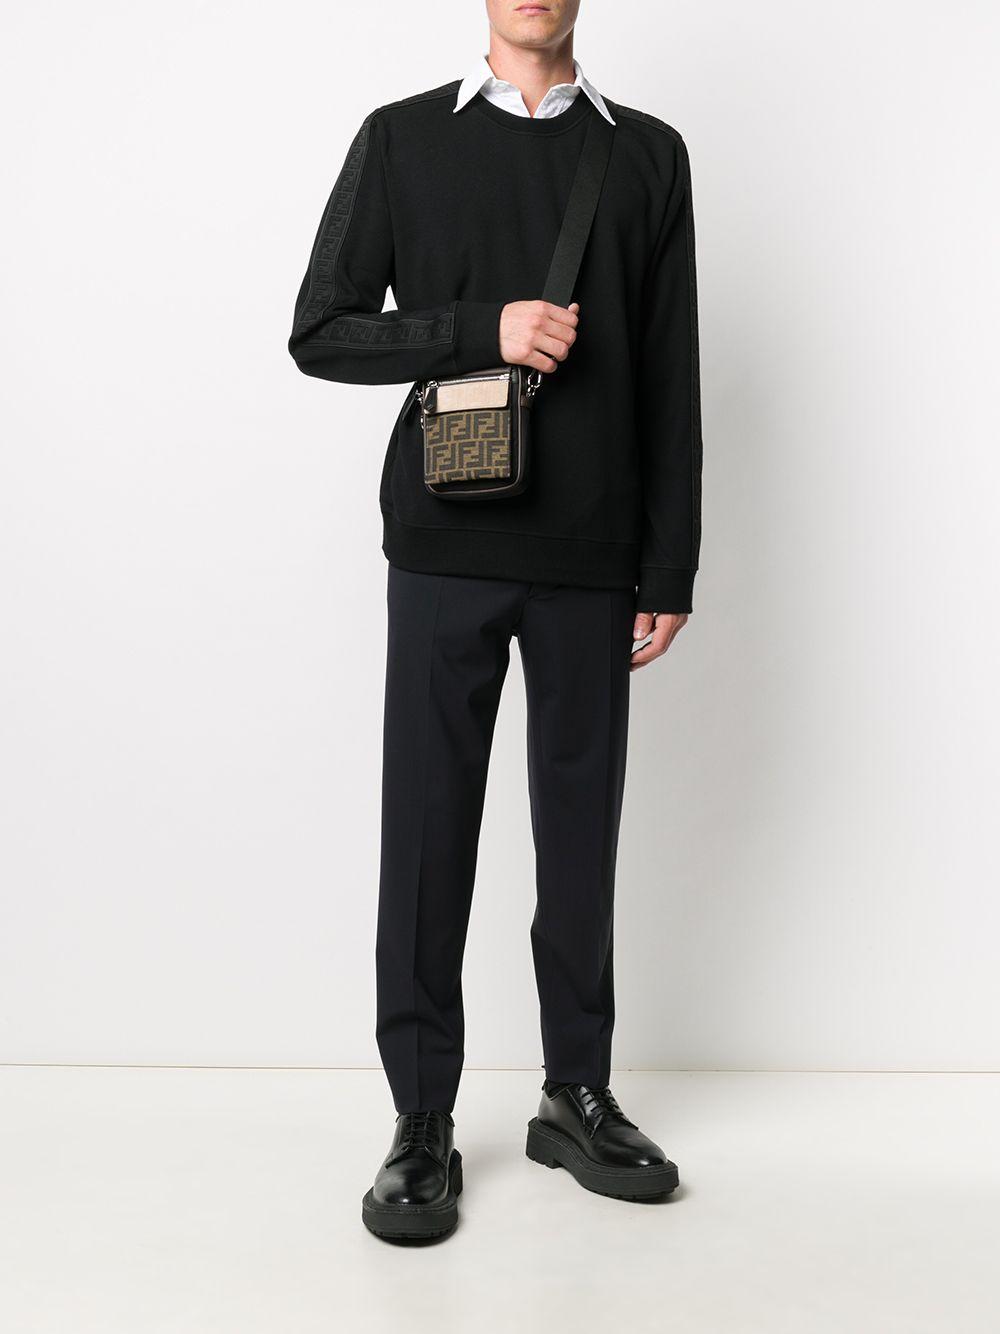 Black jumper featuring FF motif black side band  FENDI |  | FY0178-A2F1F0QA1